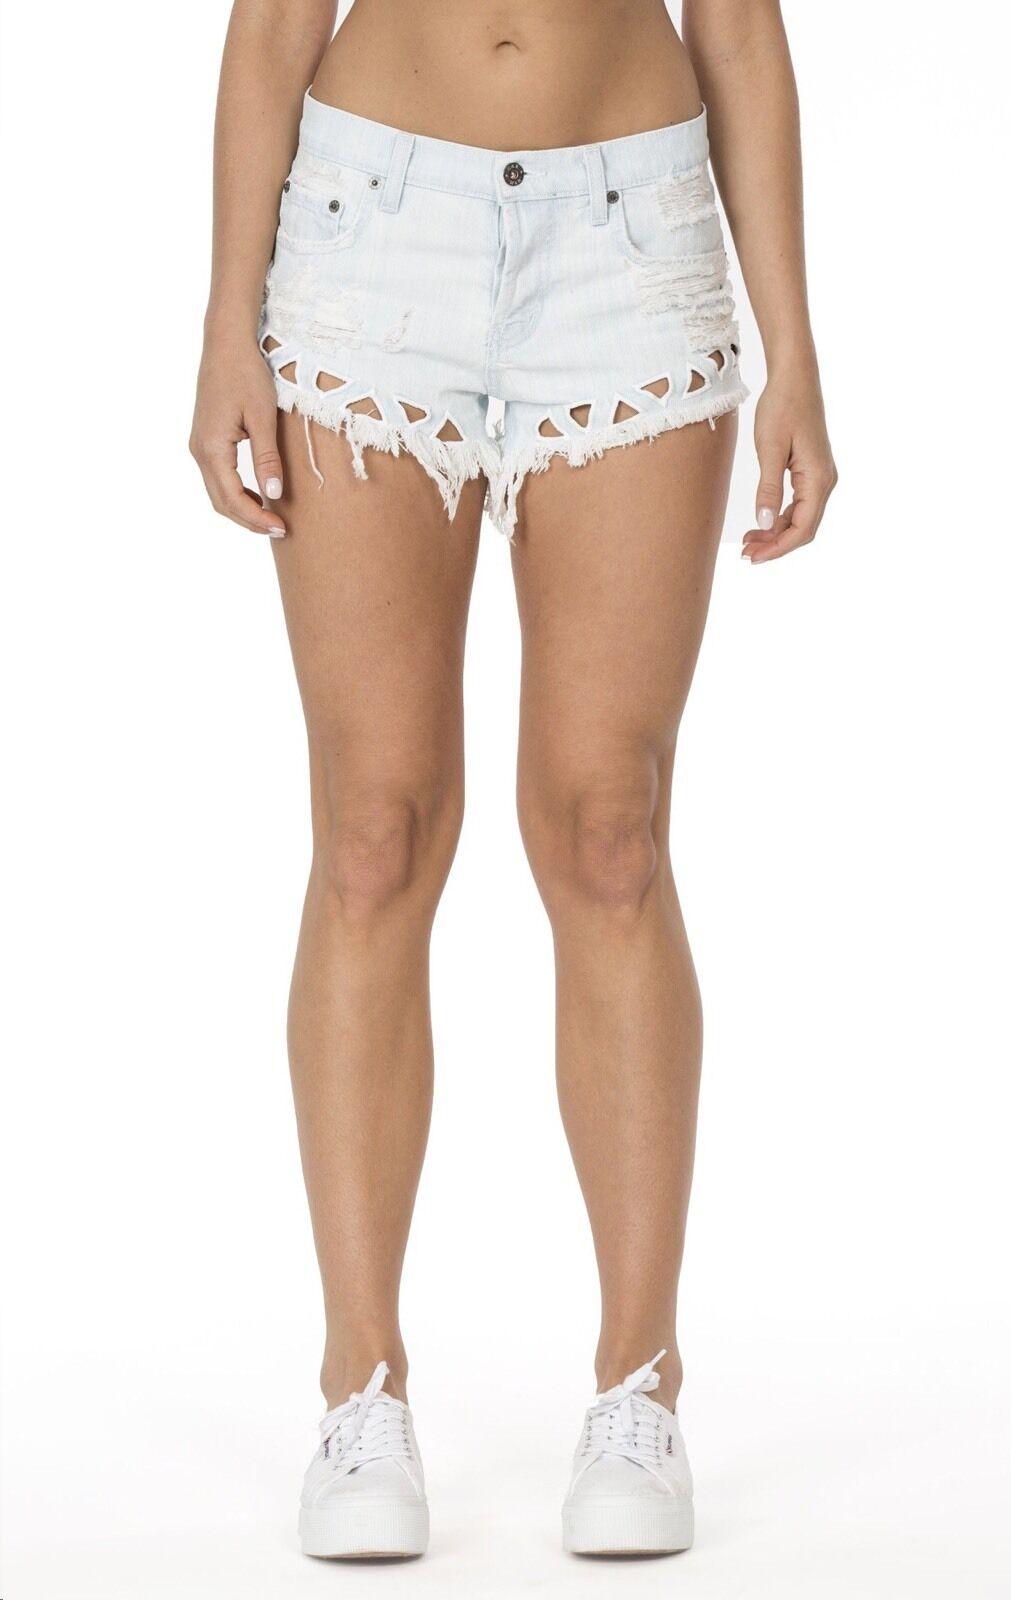 LF carmar distressed light wash TRIANGLE CUTOUT denim shorts NWT sz 27